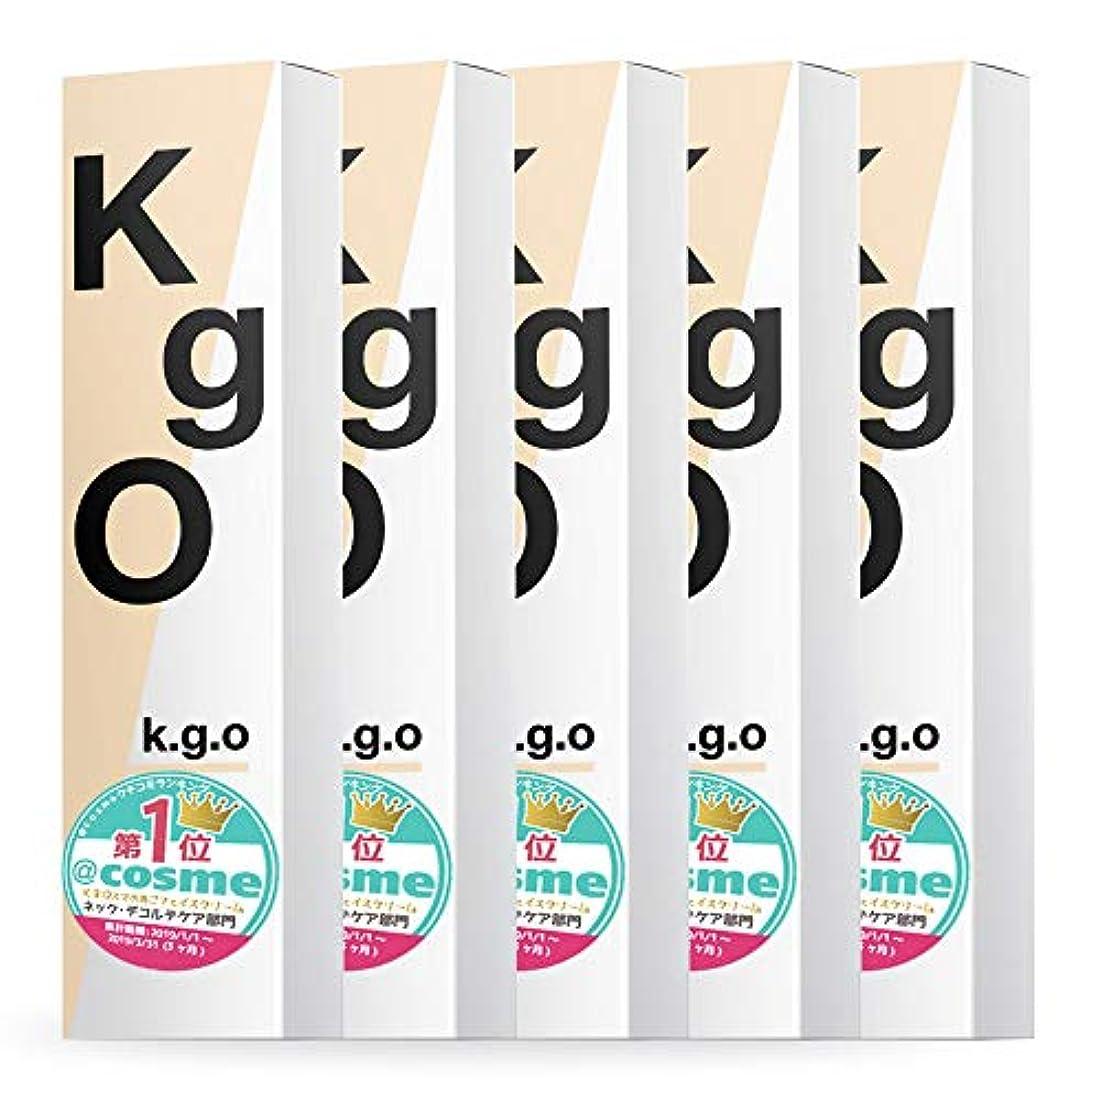 メンタル容量あごひげ【送料無料】K.g.O SUMAHO-AGO face cream ケージーオー スマホあご フェイスクリーム 70g (5本セット)